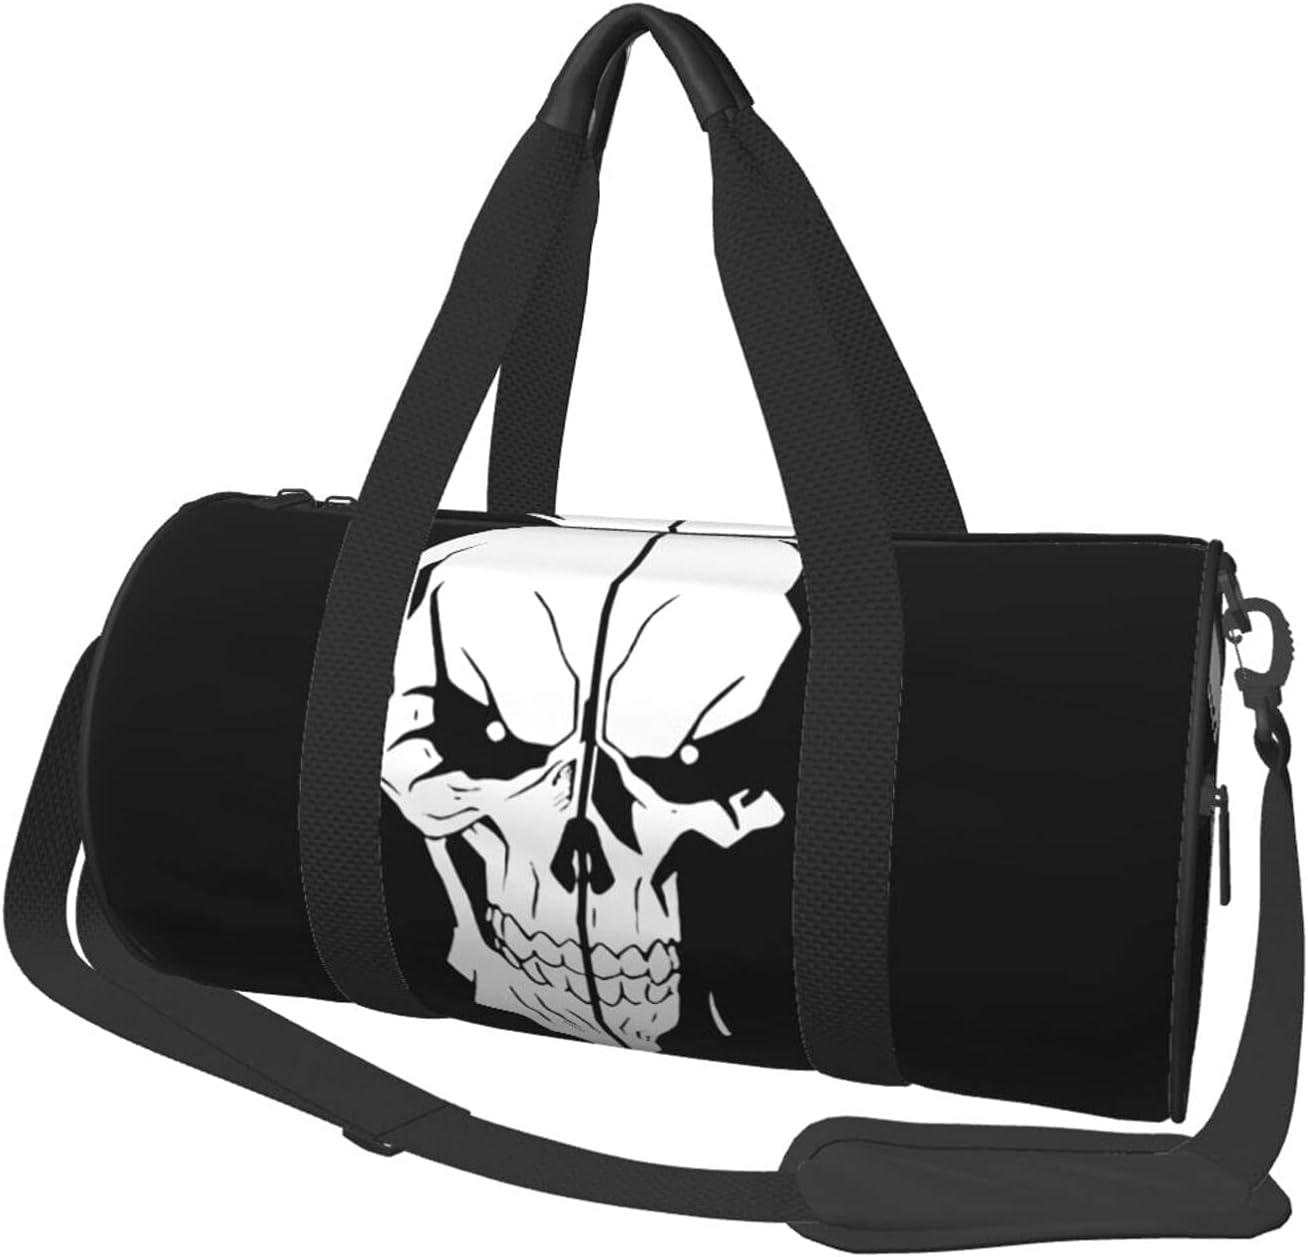 Anime Overlord Momonga Gym Bag Ranking TOP1 Travel Milwaukee Mall For Handbag Men Wo Luggage